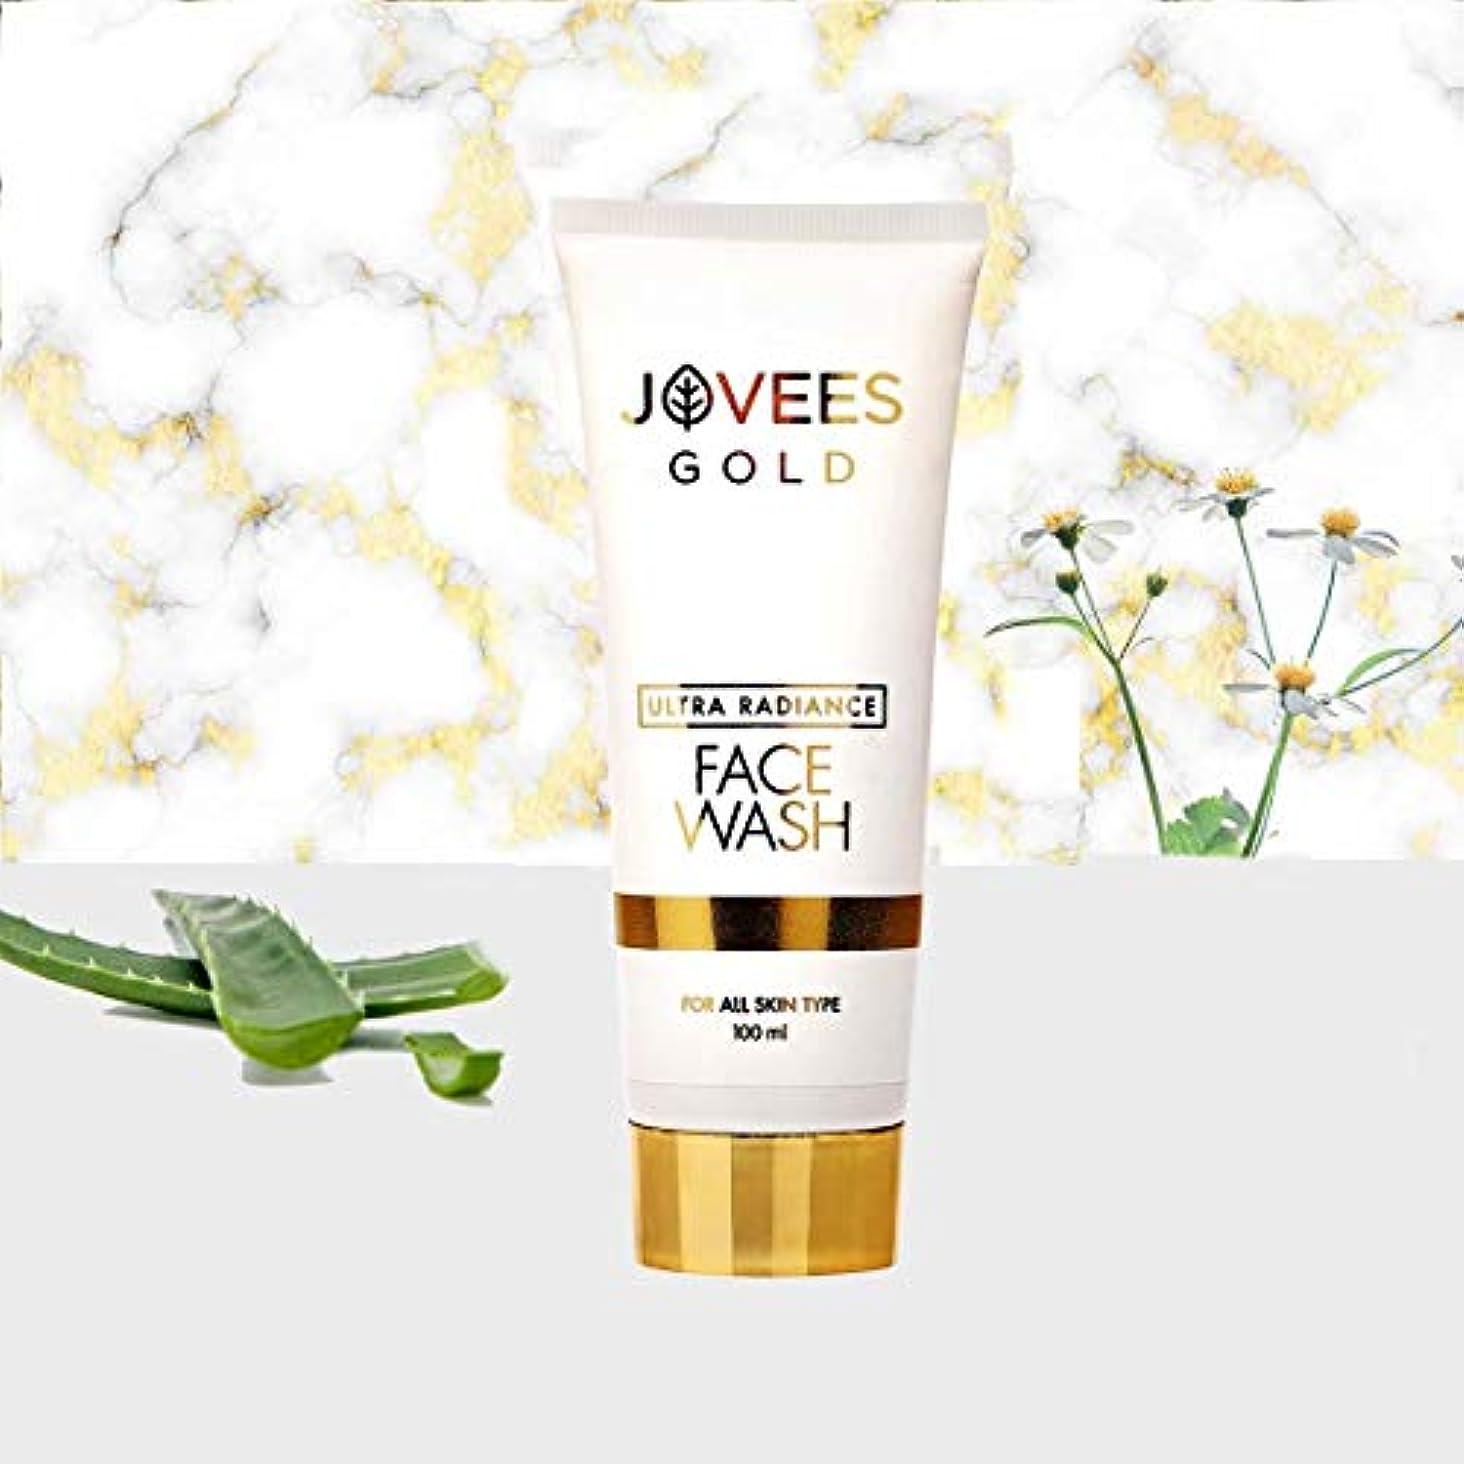 前提野球冷蔵するJovees Ultra Radiance 24K Gold Face Wash 100ml to help bring glow and radiance 輝きと輝きをもたらすのを助けるためにJovees Ultra...